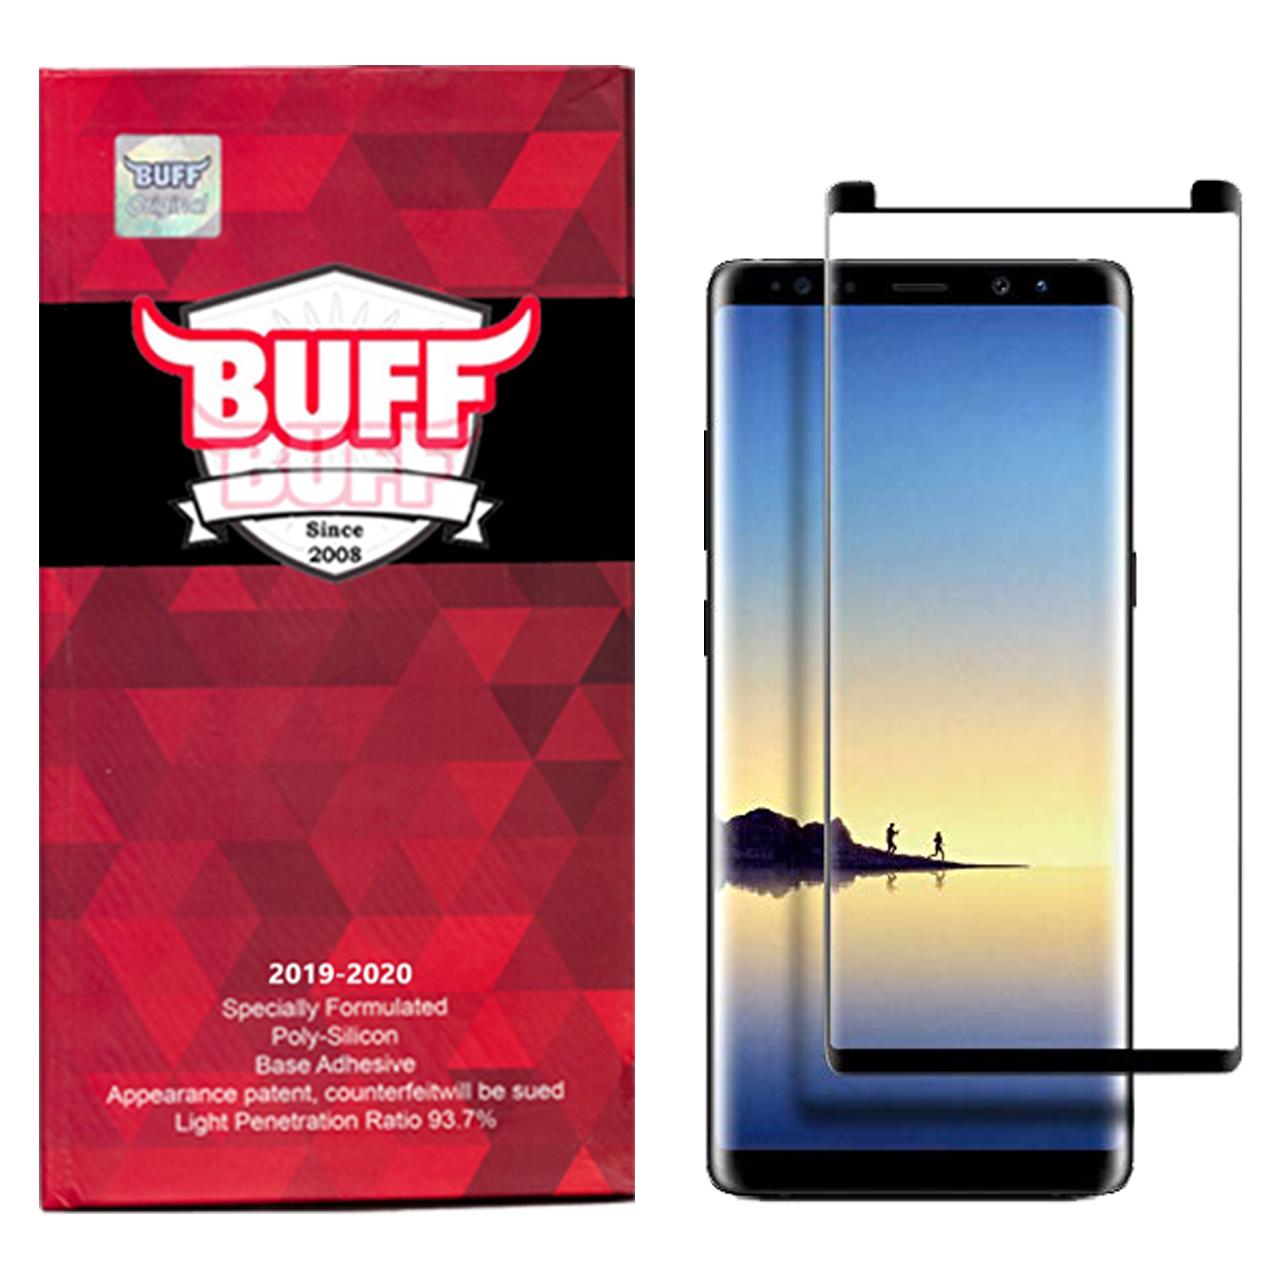 محافظ صفحه نمایش 5D بوف مدل FC33 مناسب برای گوشی موبایل سامسونگ Galaxy Note 8